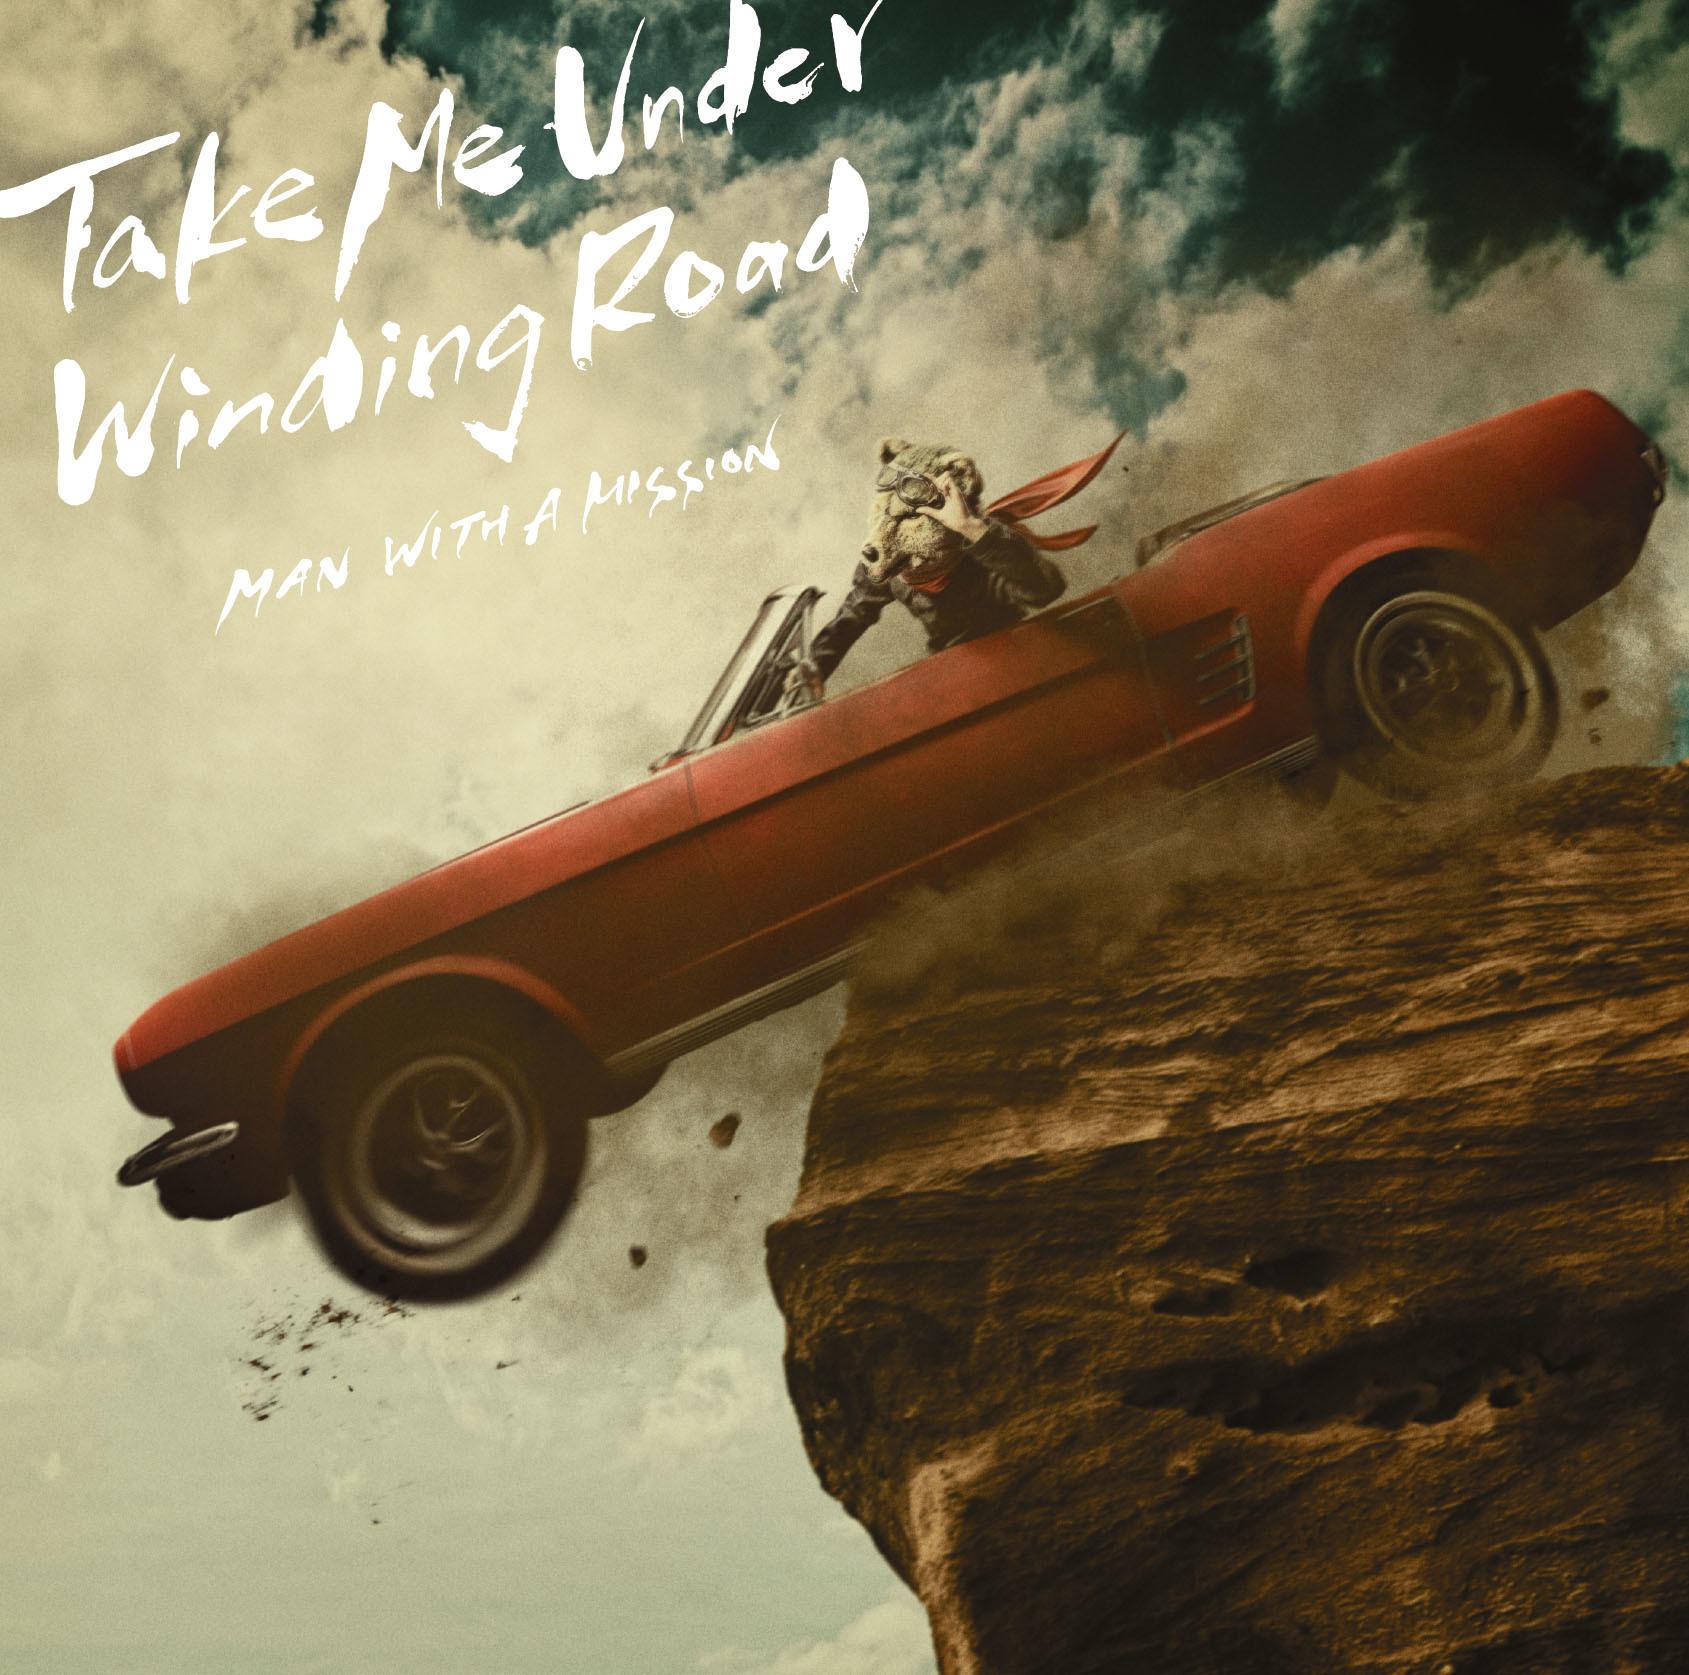 Content_take_me_under__winding_road_%e9%80%9a%e5%b8%b8%e7%9b%a4